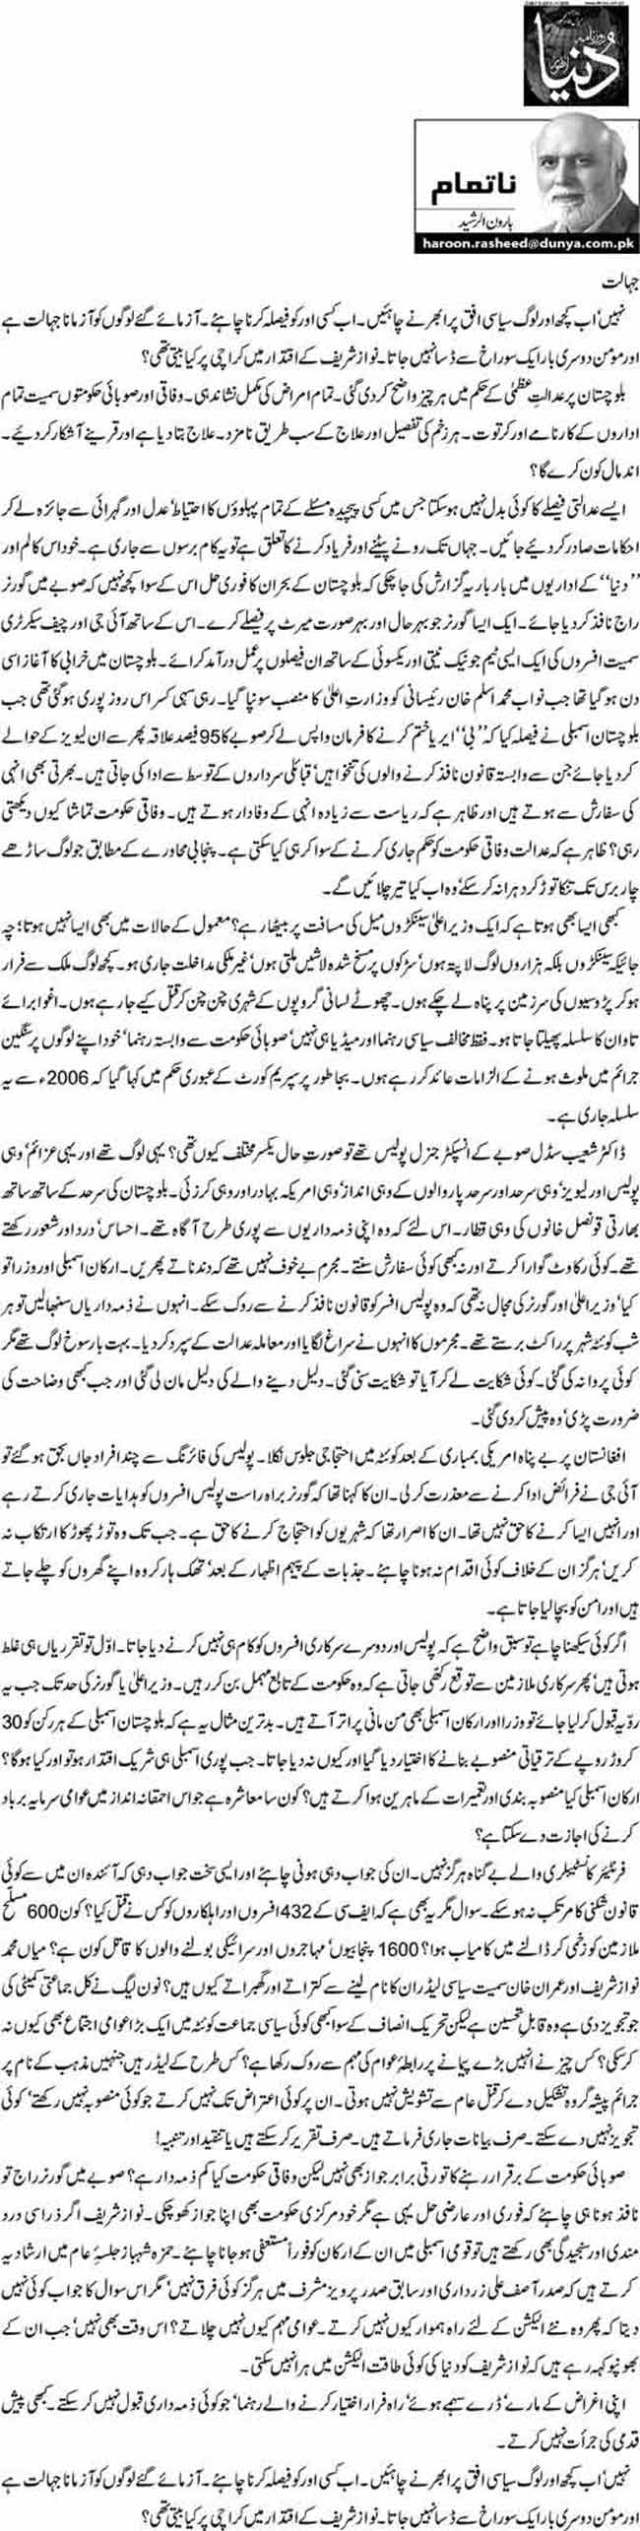 Jihalat - Haroon-ur-Rasheed